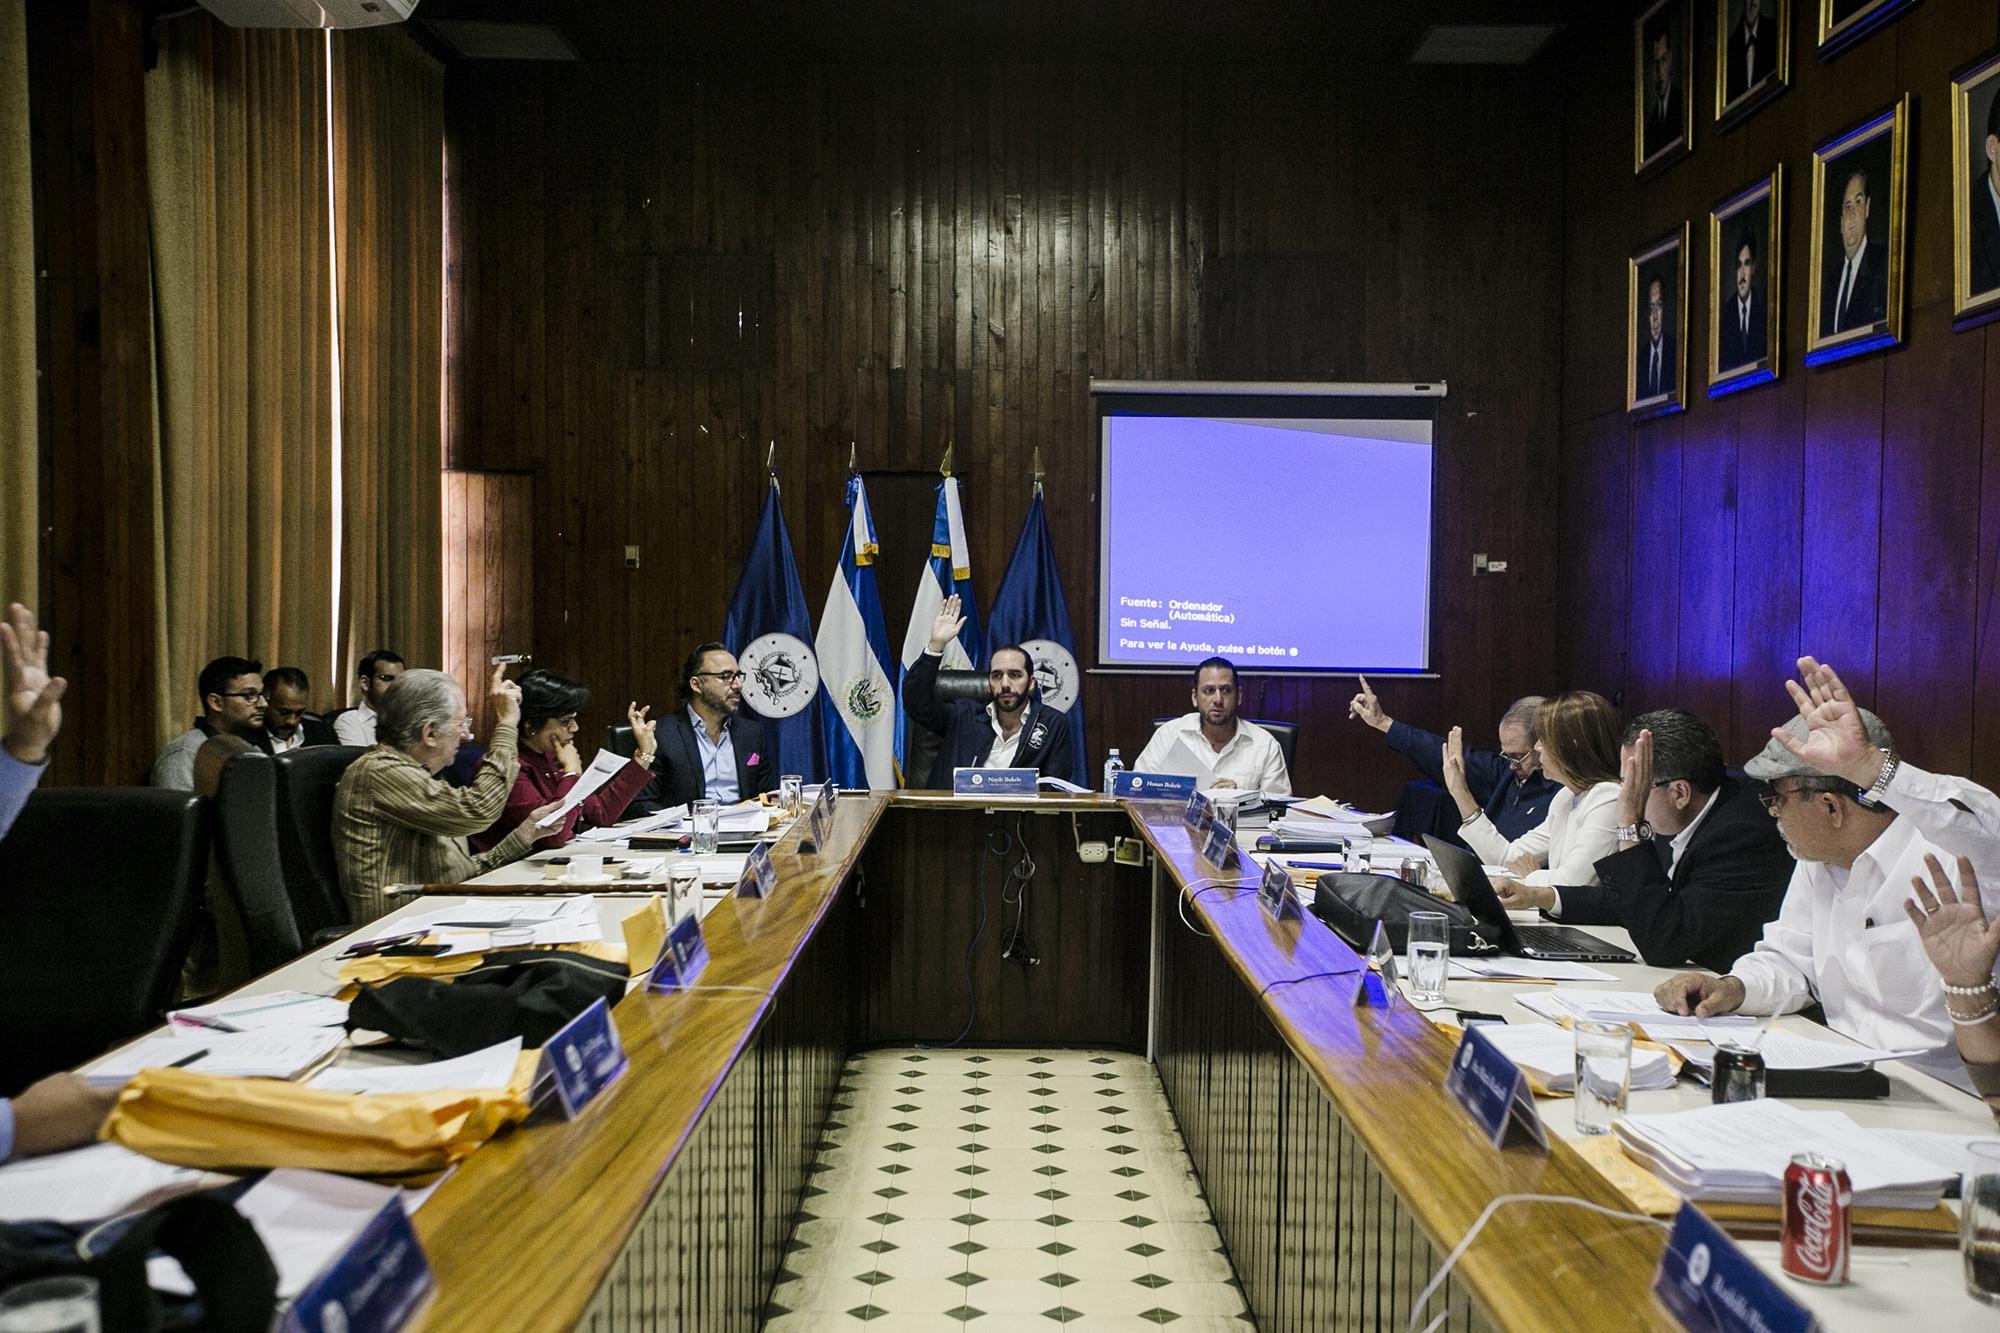 Reunión del Concejo Municipal de San Salvador, presidida por Nayib Bukele, alcalde capitalino, el 16 de noviembre de 2016. Foto de El Faro, por Fred Ramos.